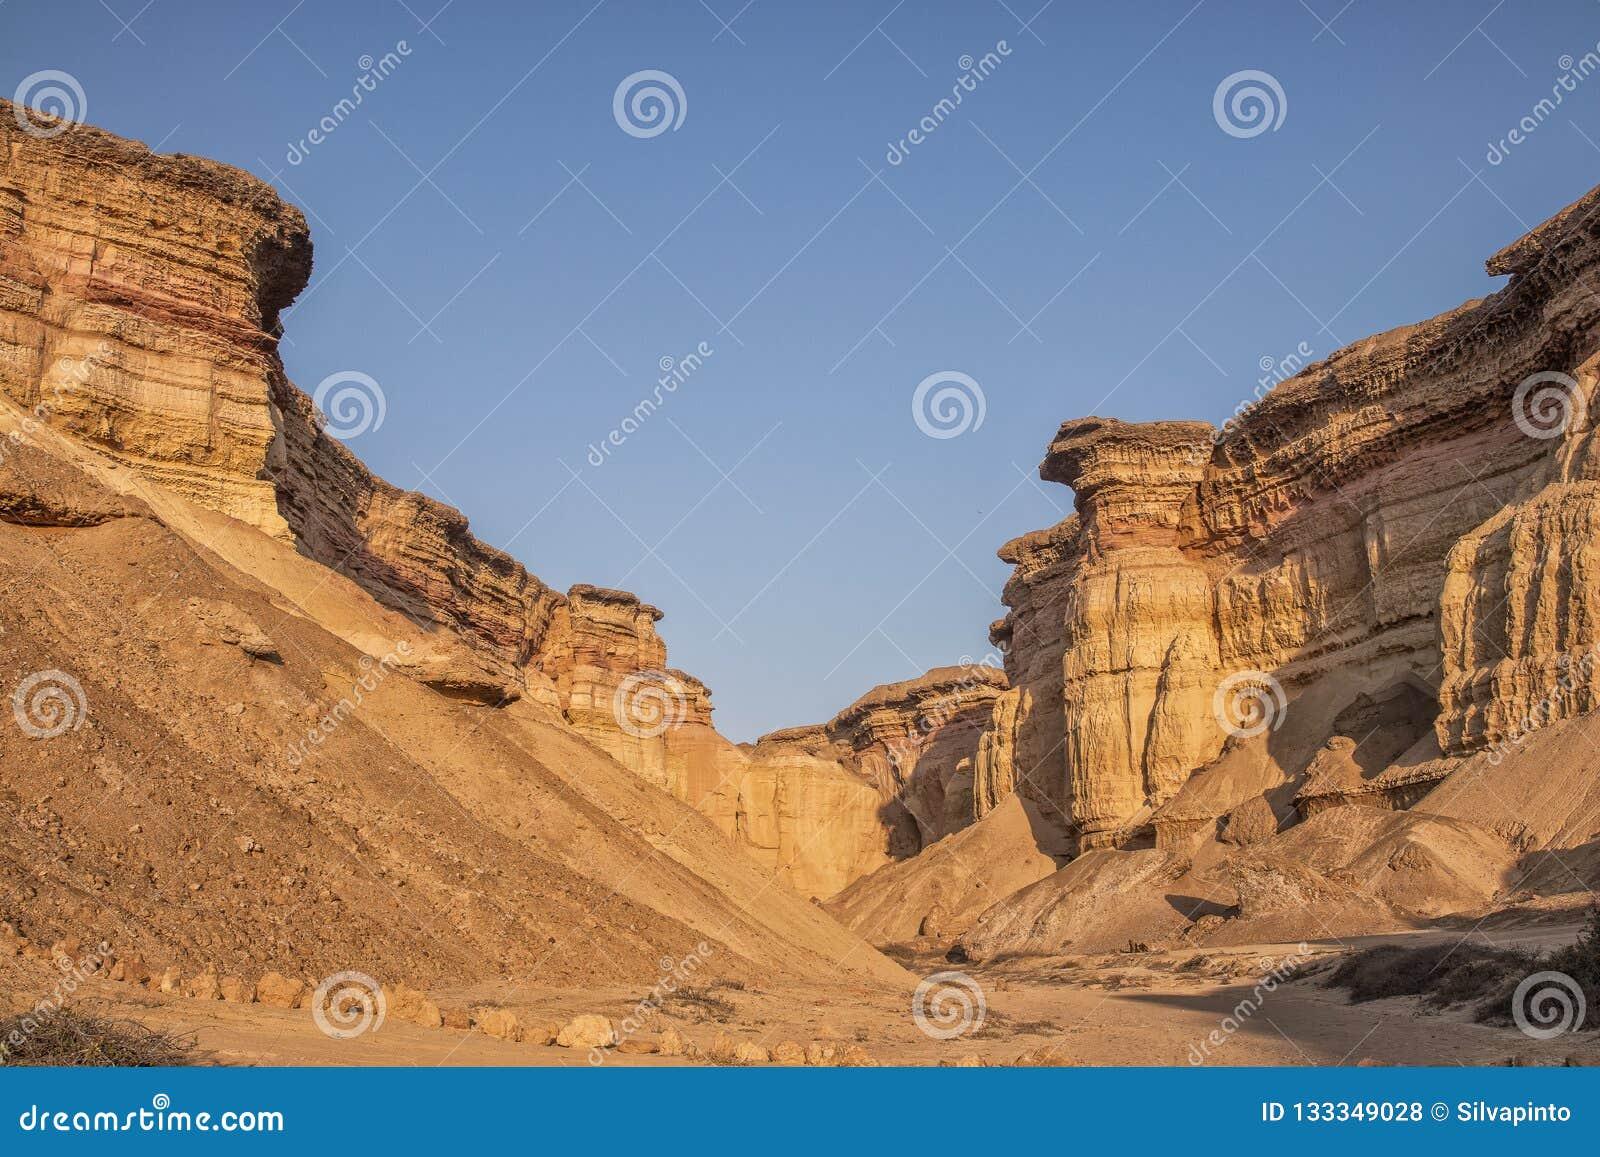 Красивый заход солнца в каньонах пустыни Namibe вышесказанного anisette